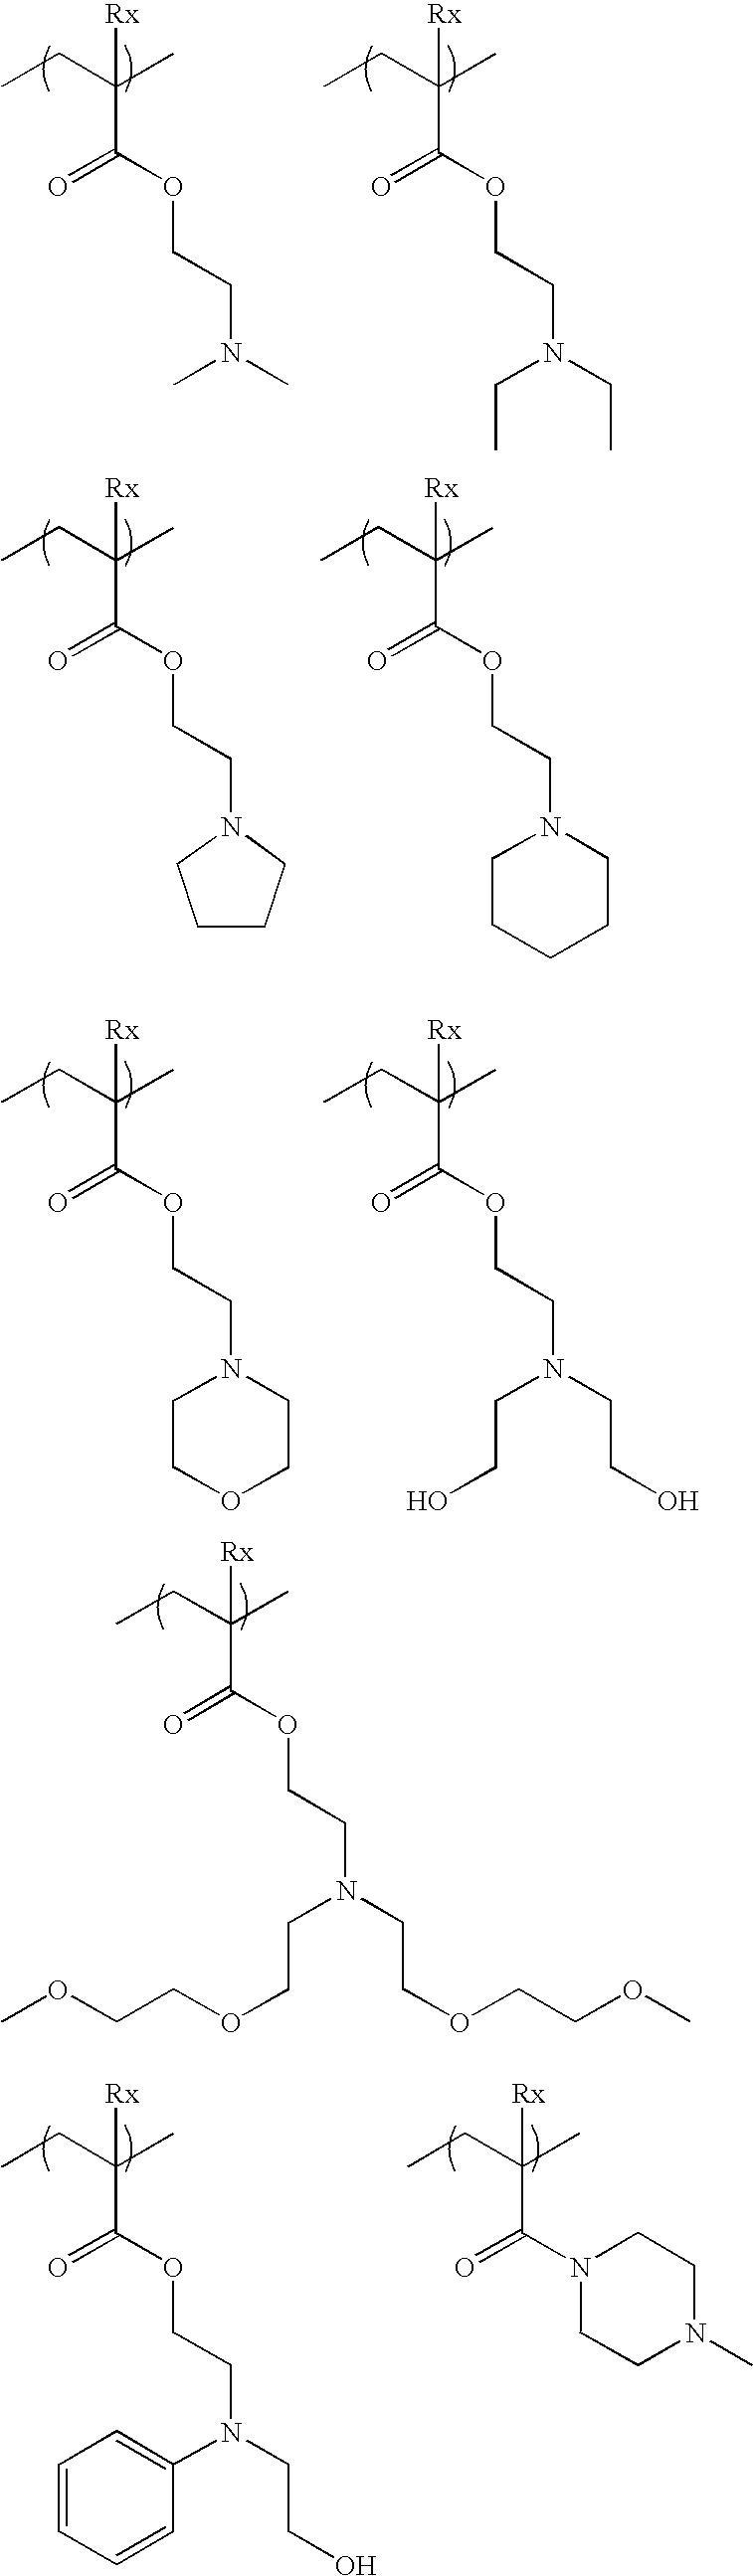 Figure US08741537-20140603-C00005